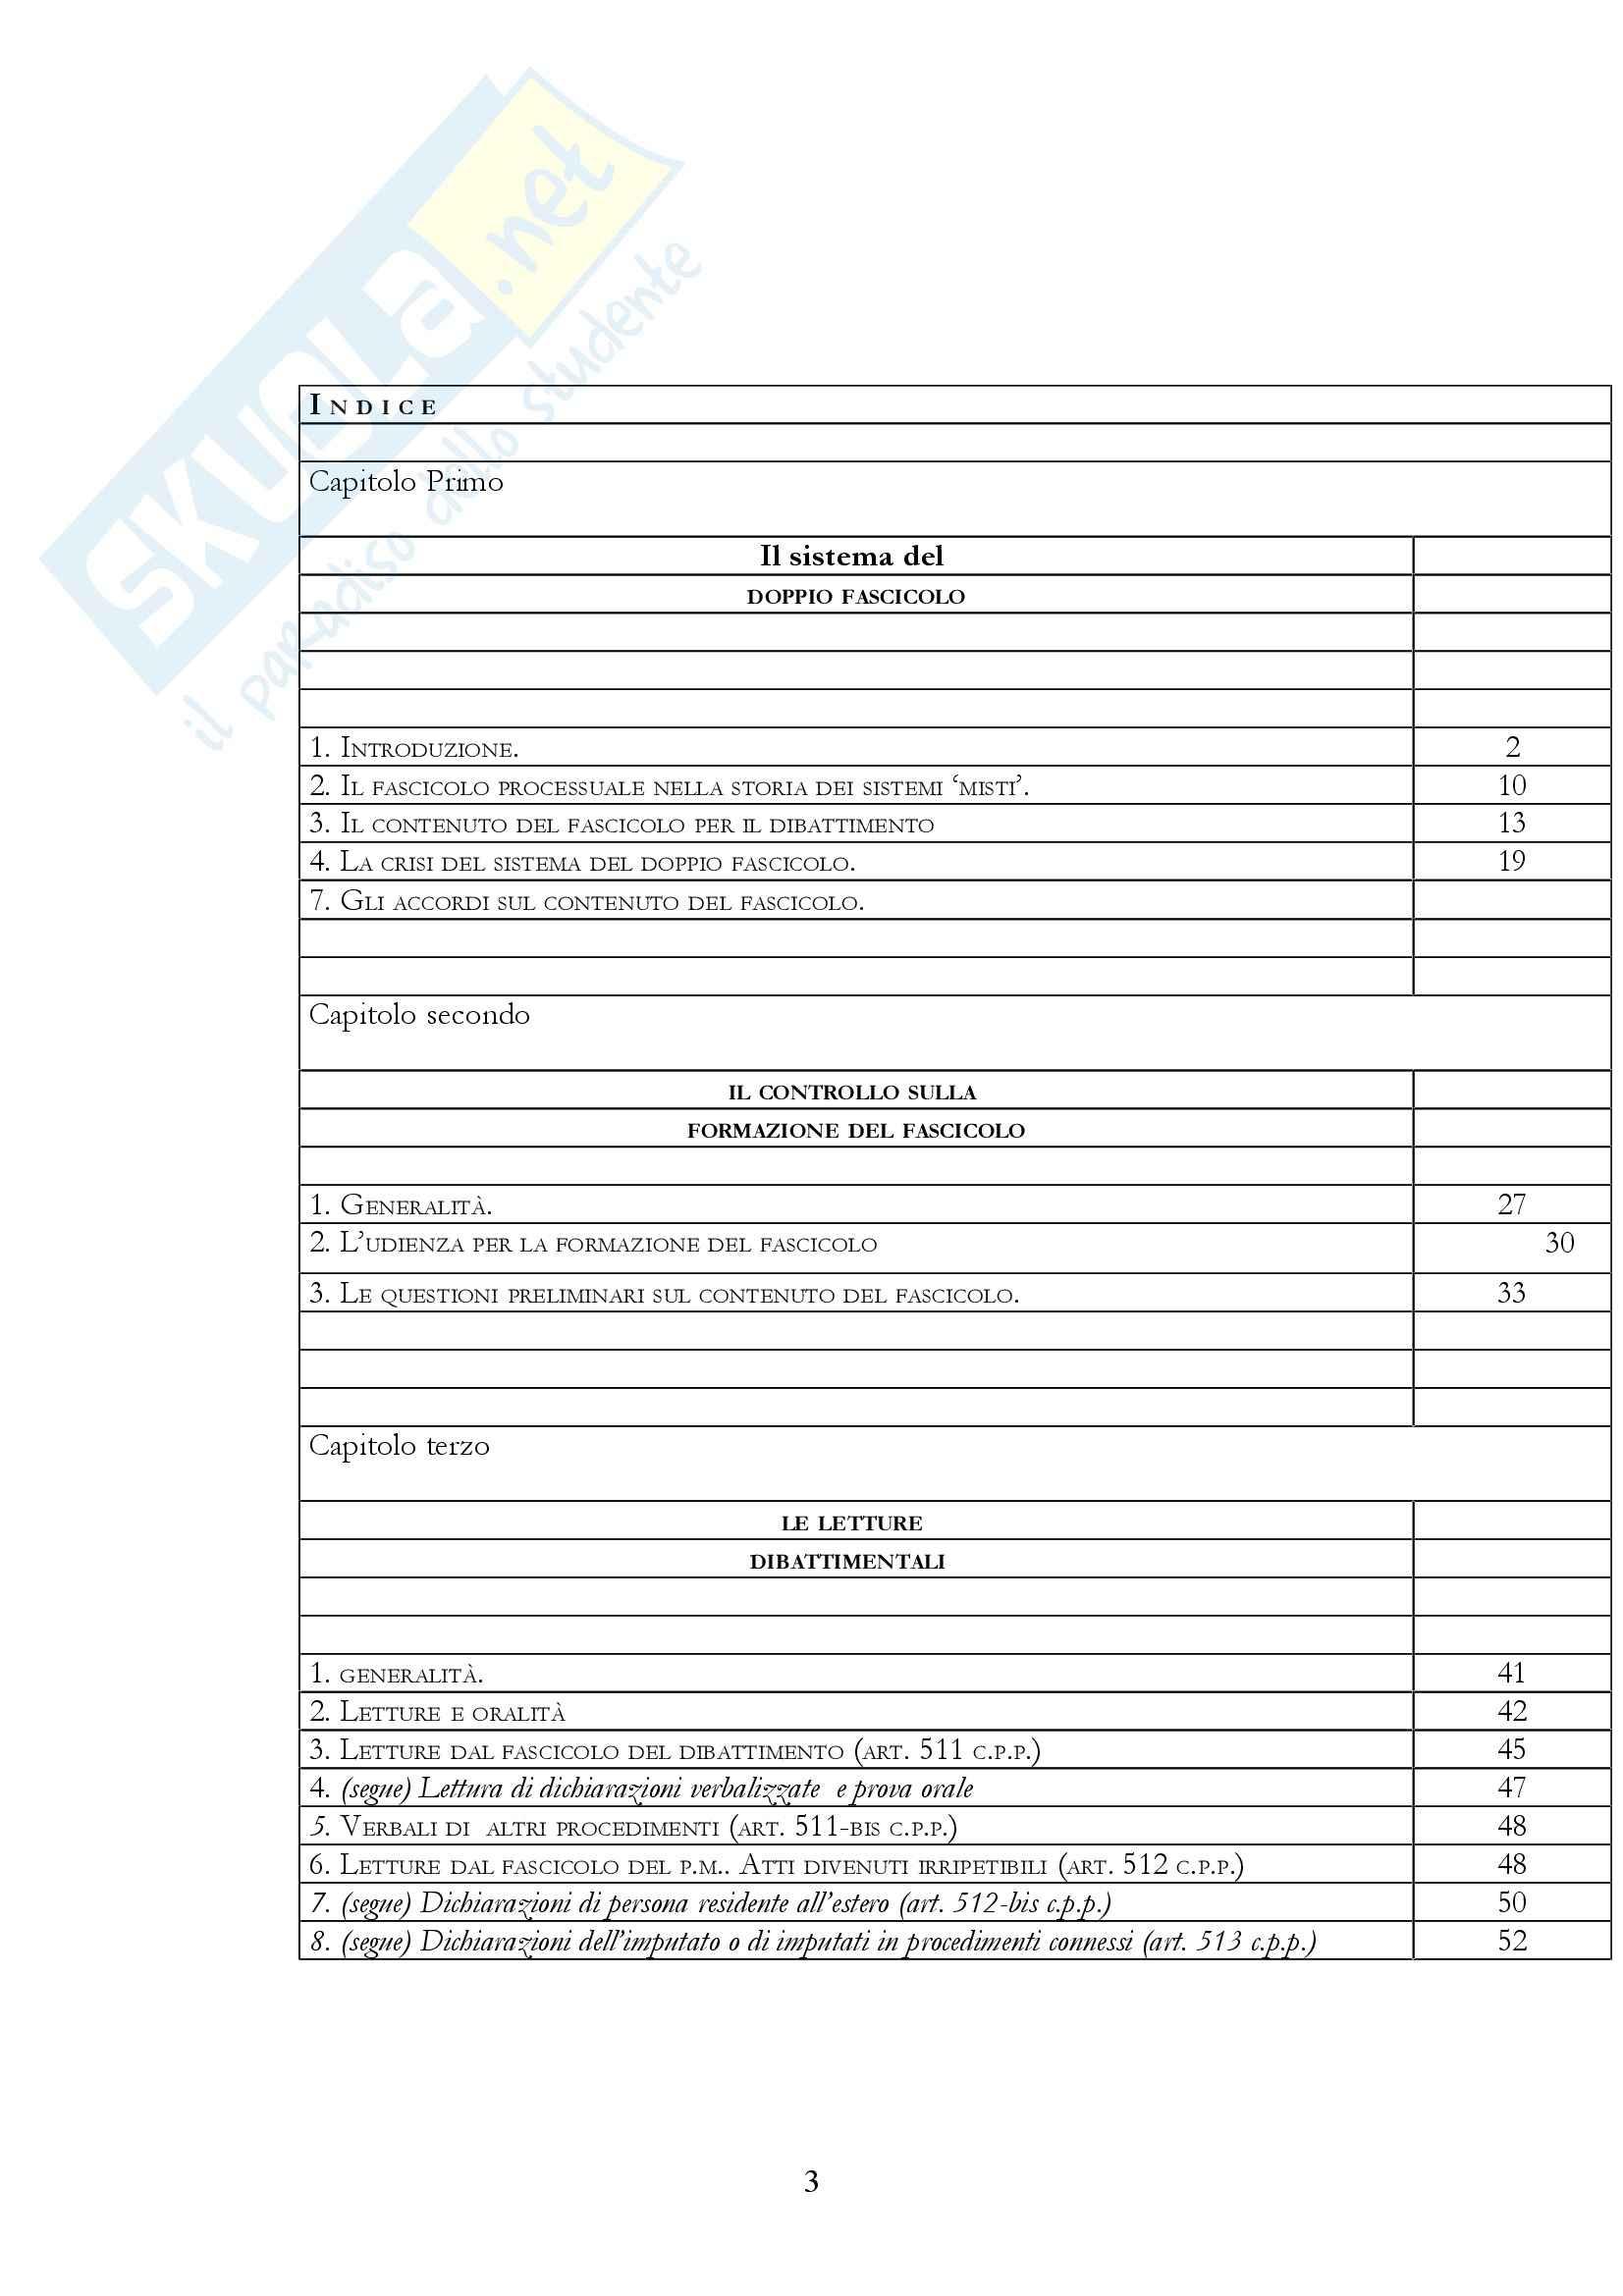 Diritto processuale penale - i fascicoli del processo penale Pag. 2